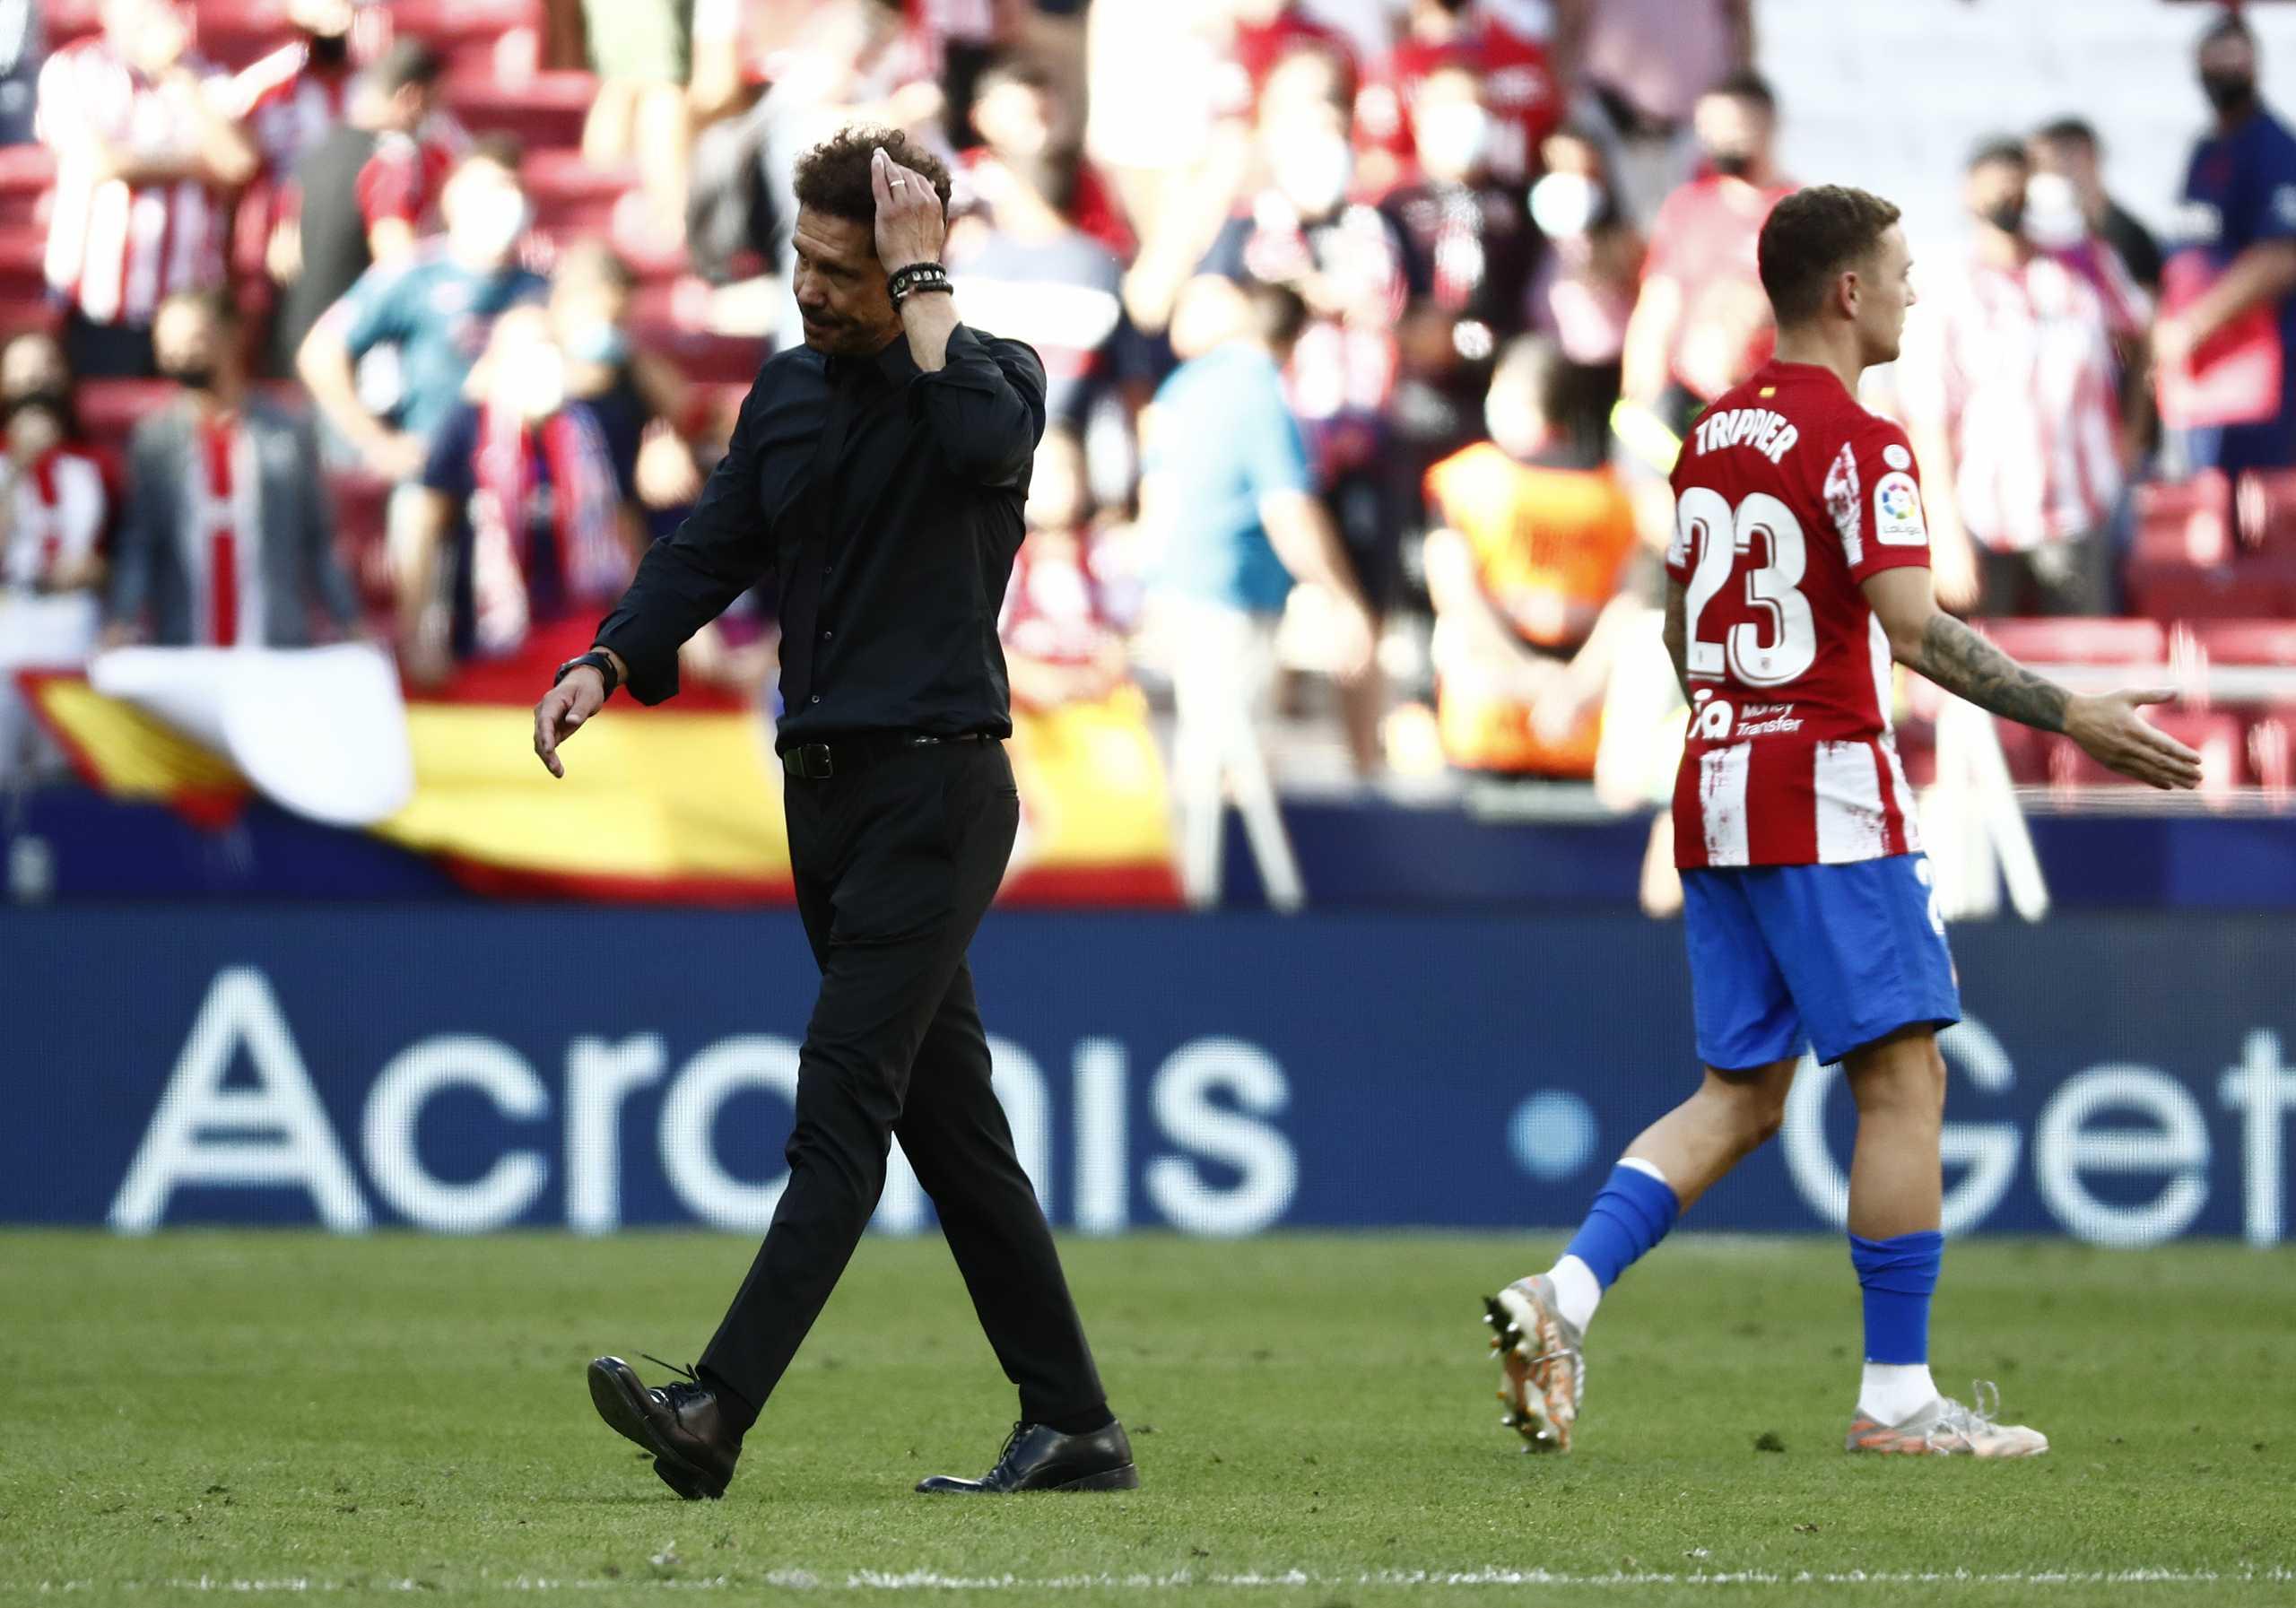 Ατλέτικο Μαδρίτης – Αθλέτικ Μπιλμπάο 0-0: Νέα «γκέλα» για την ομάδα του Σιμεόνε